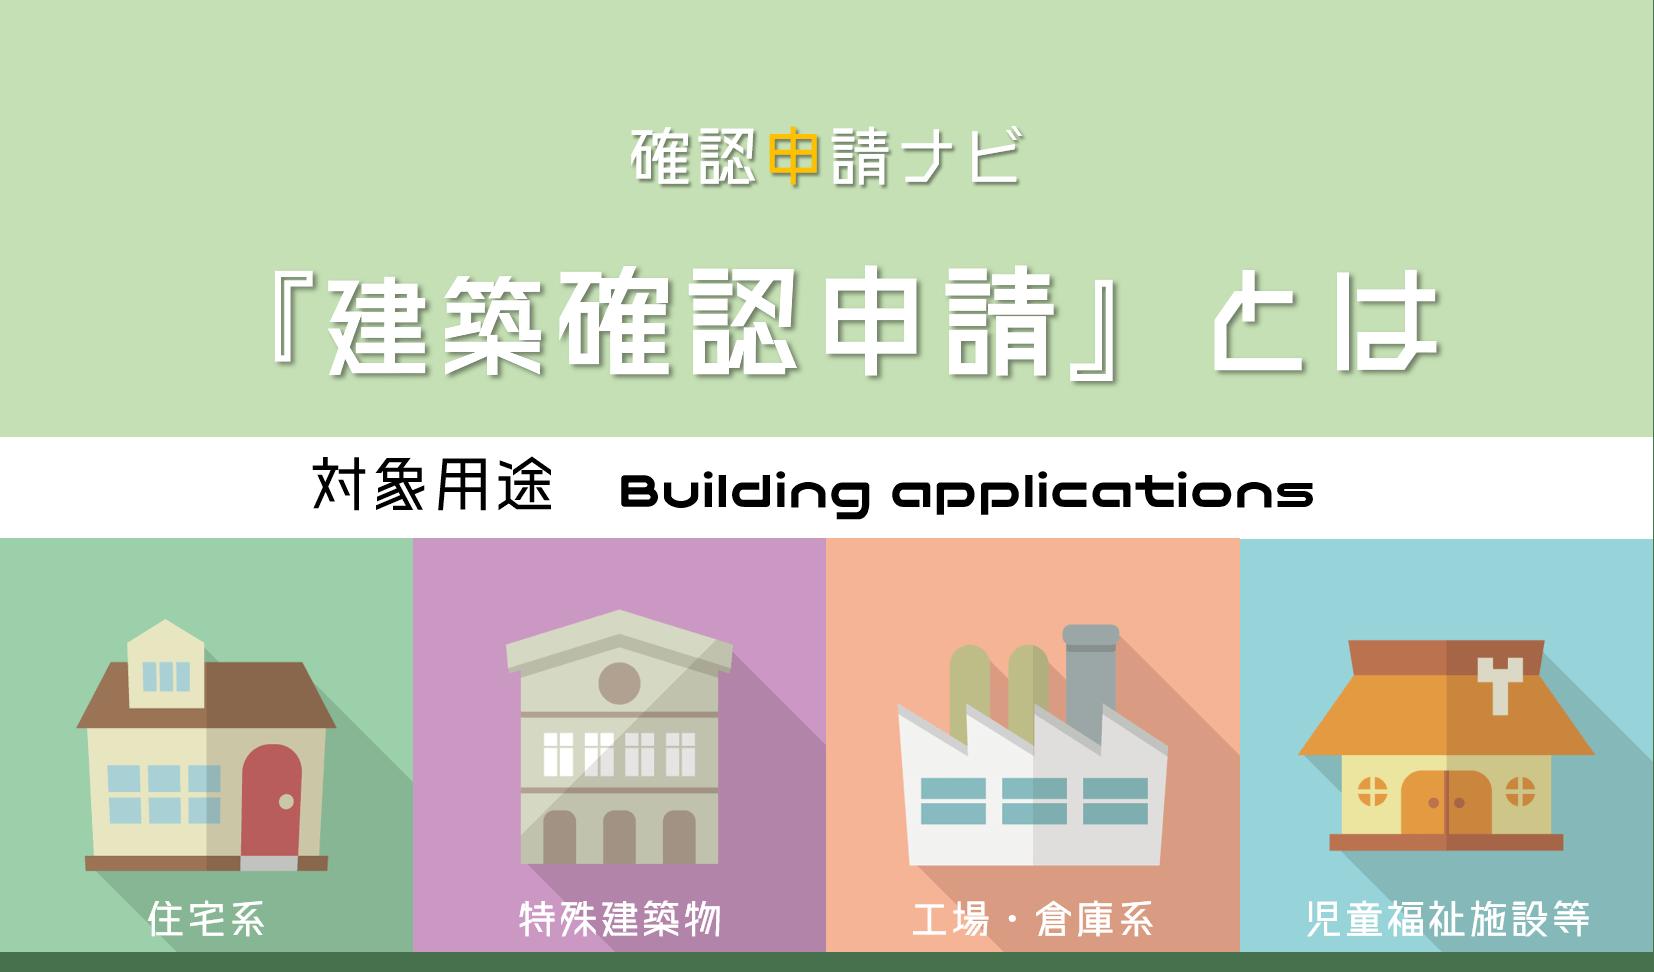 建築確認申請とは